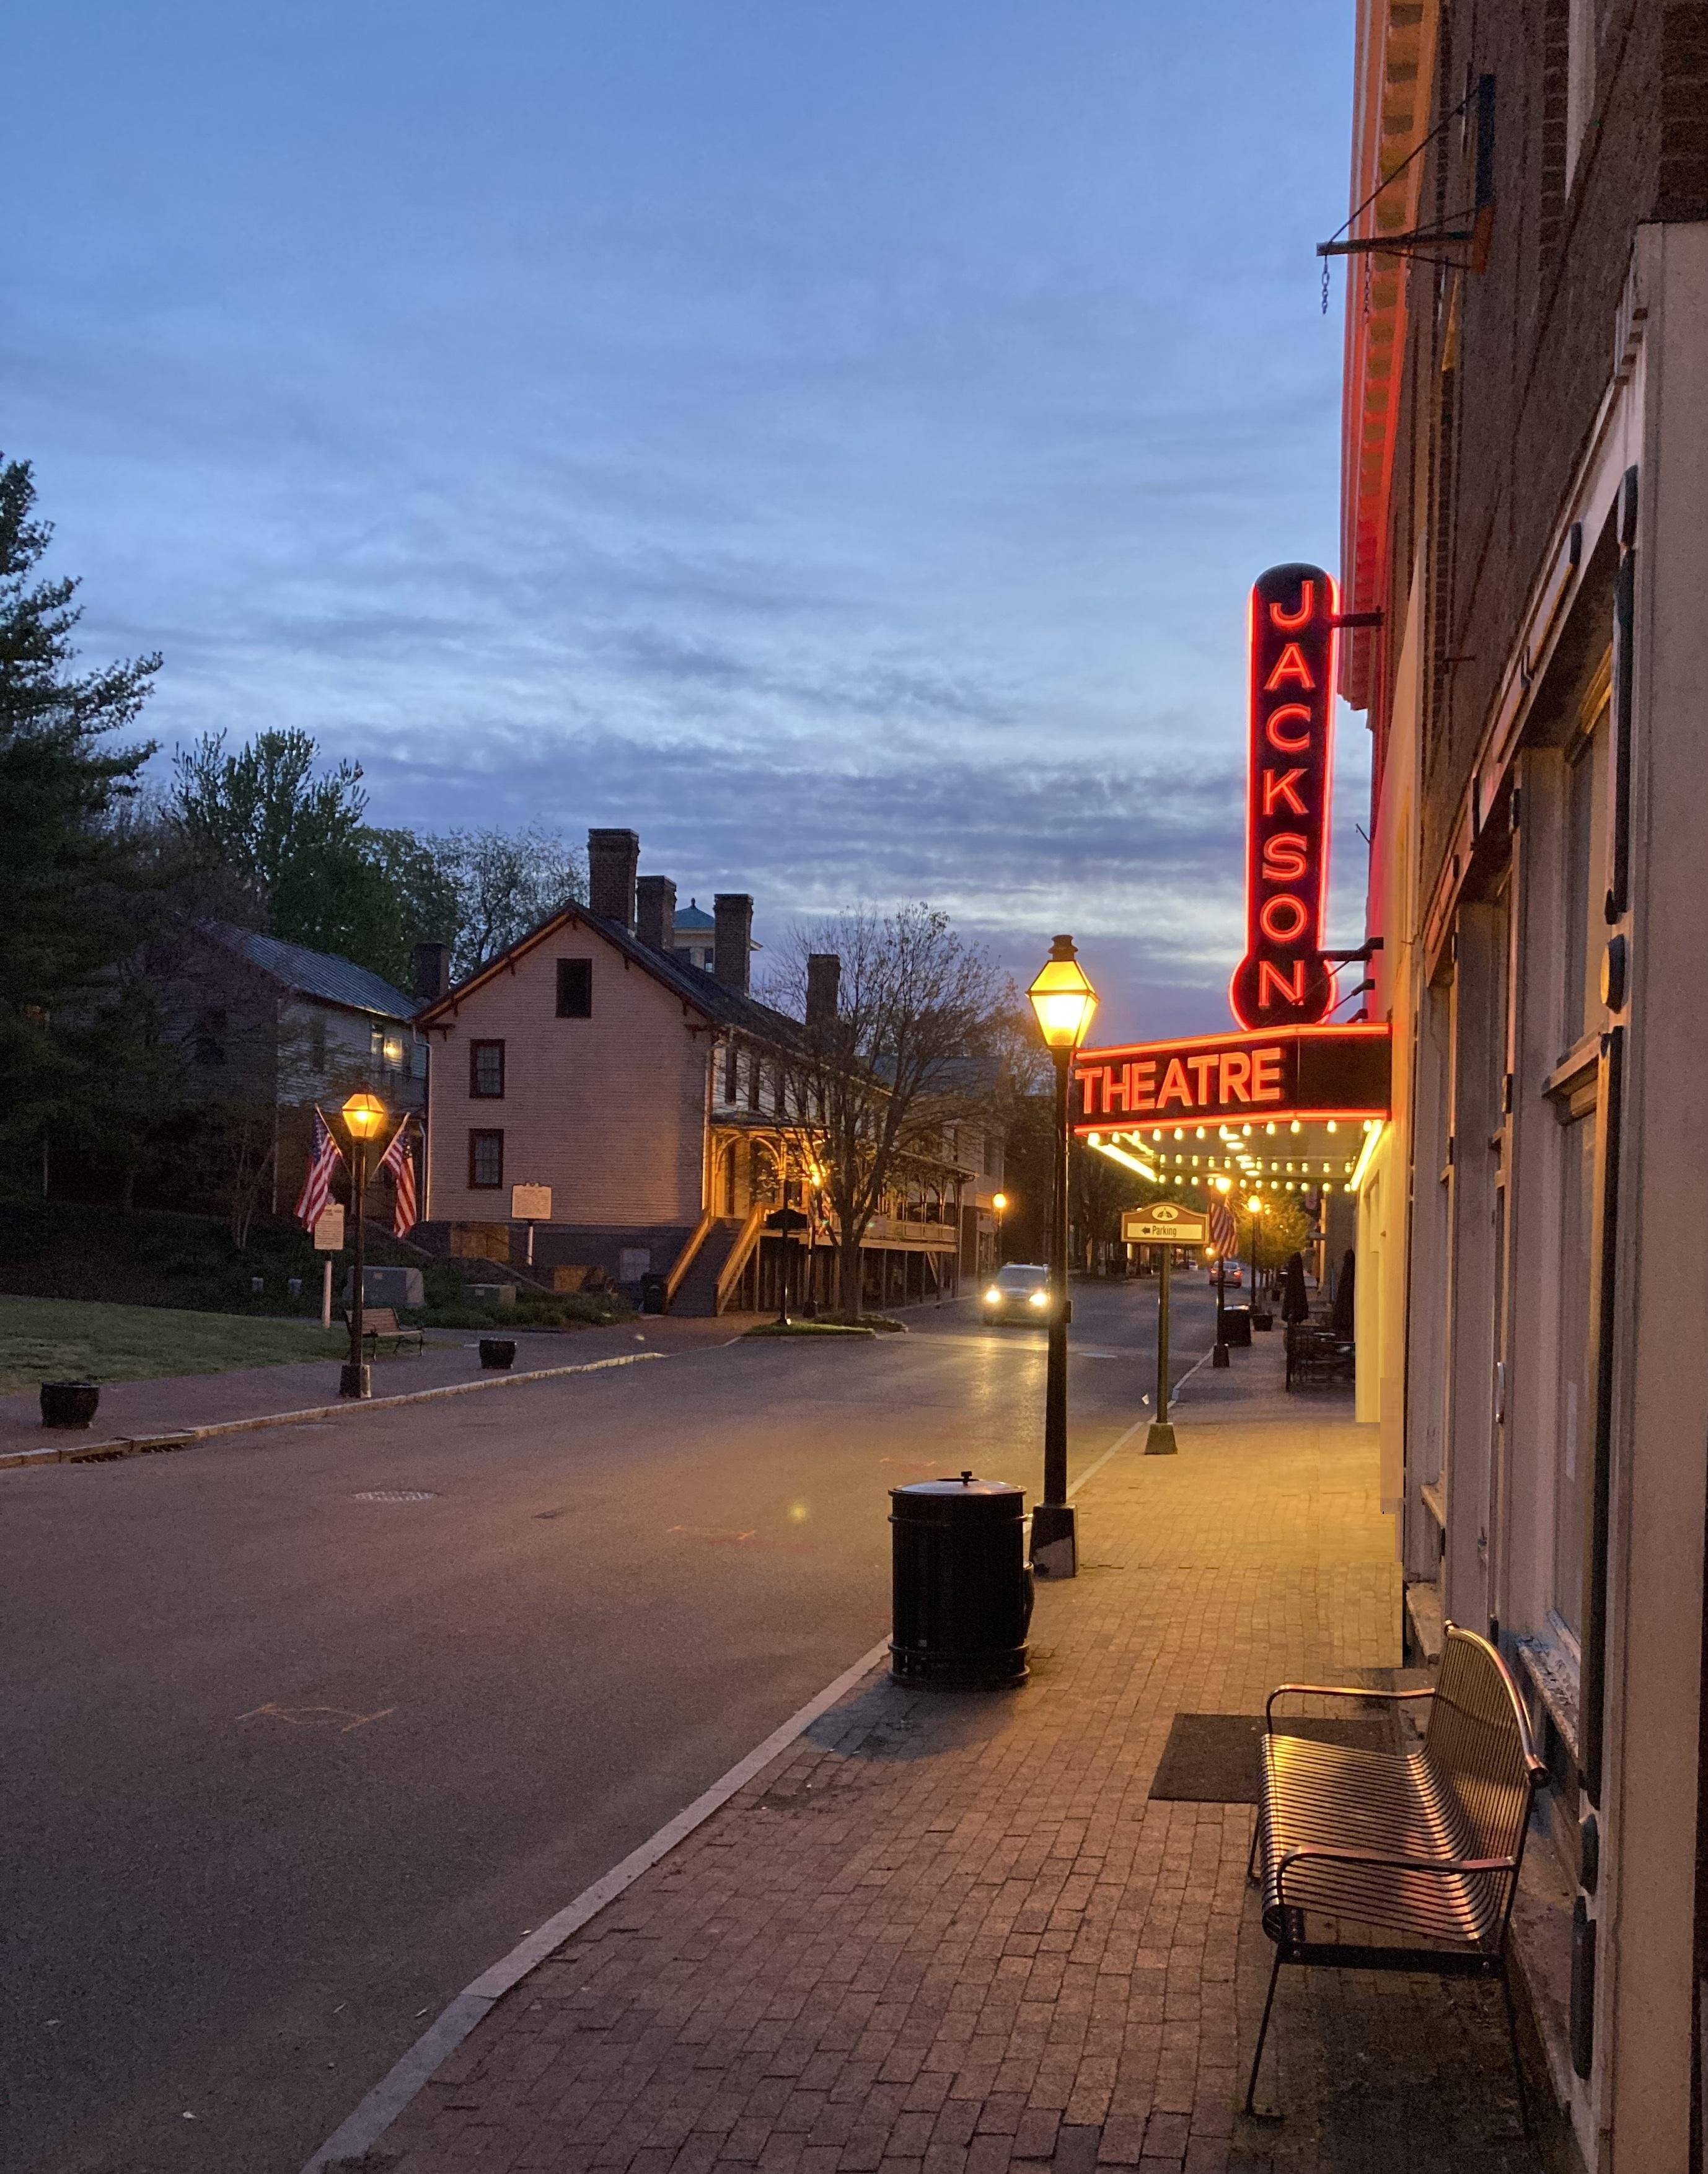 Jackson Theatre 4-23-21